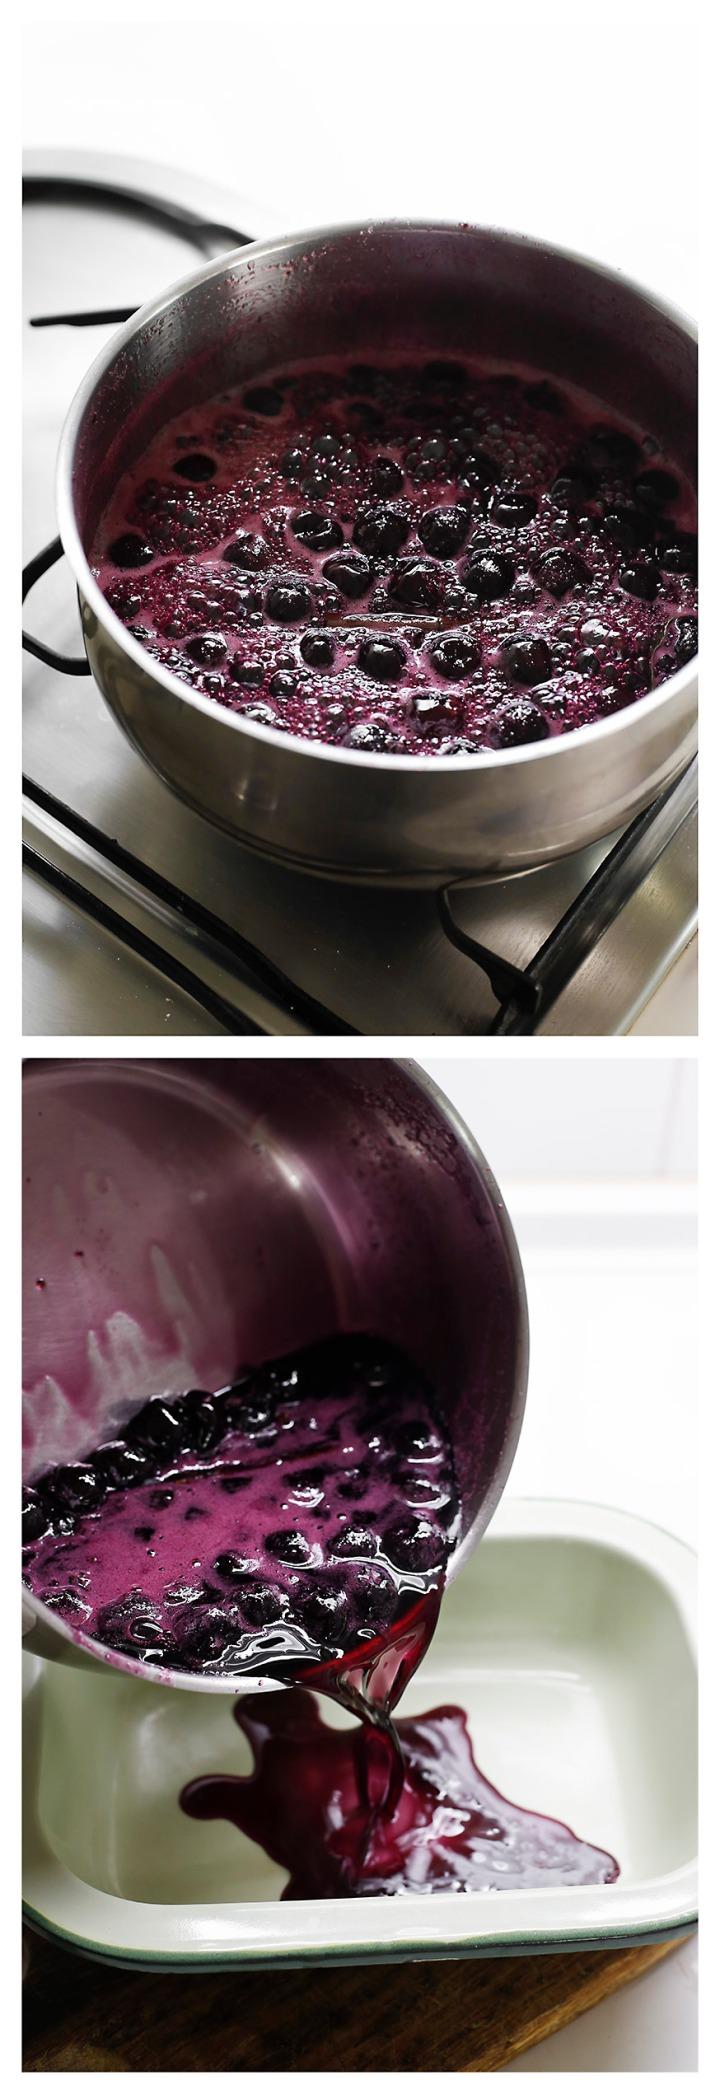 elaboración de cerezas 2